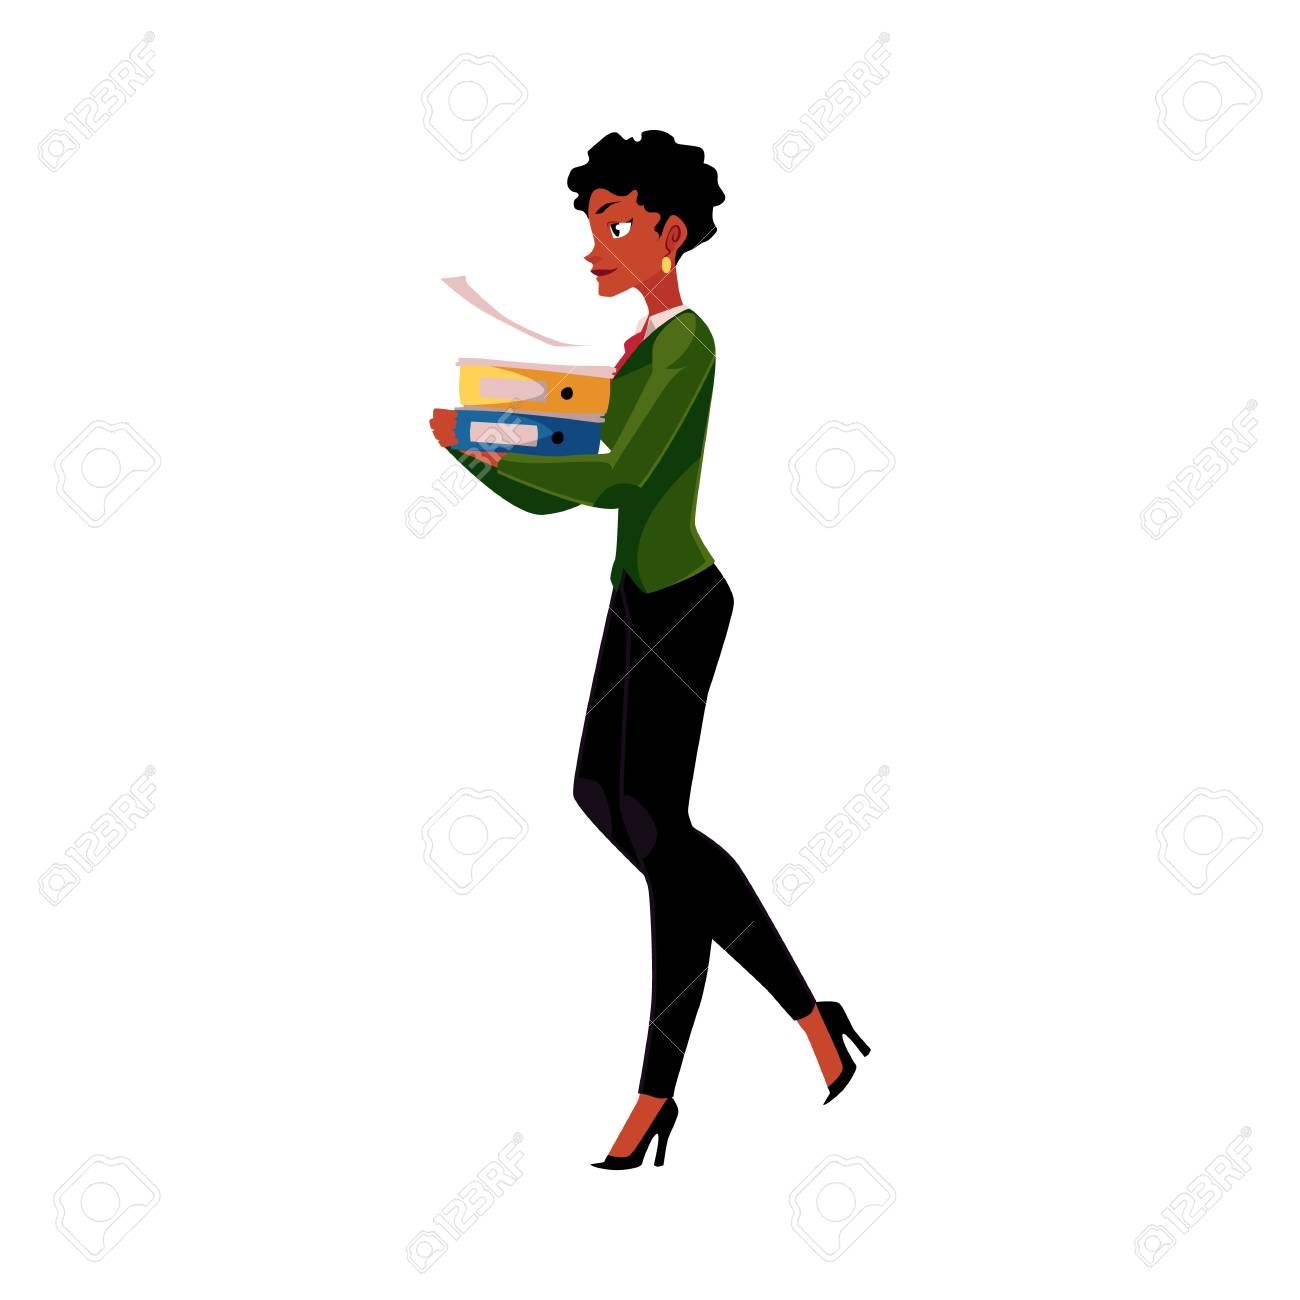 Young Pretty Black Femme D Affaires Afro Américaine Femme Fille Portant Des Dossiers De Documents Lourds Illustration De Vecteur De Dessin Animé